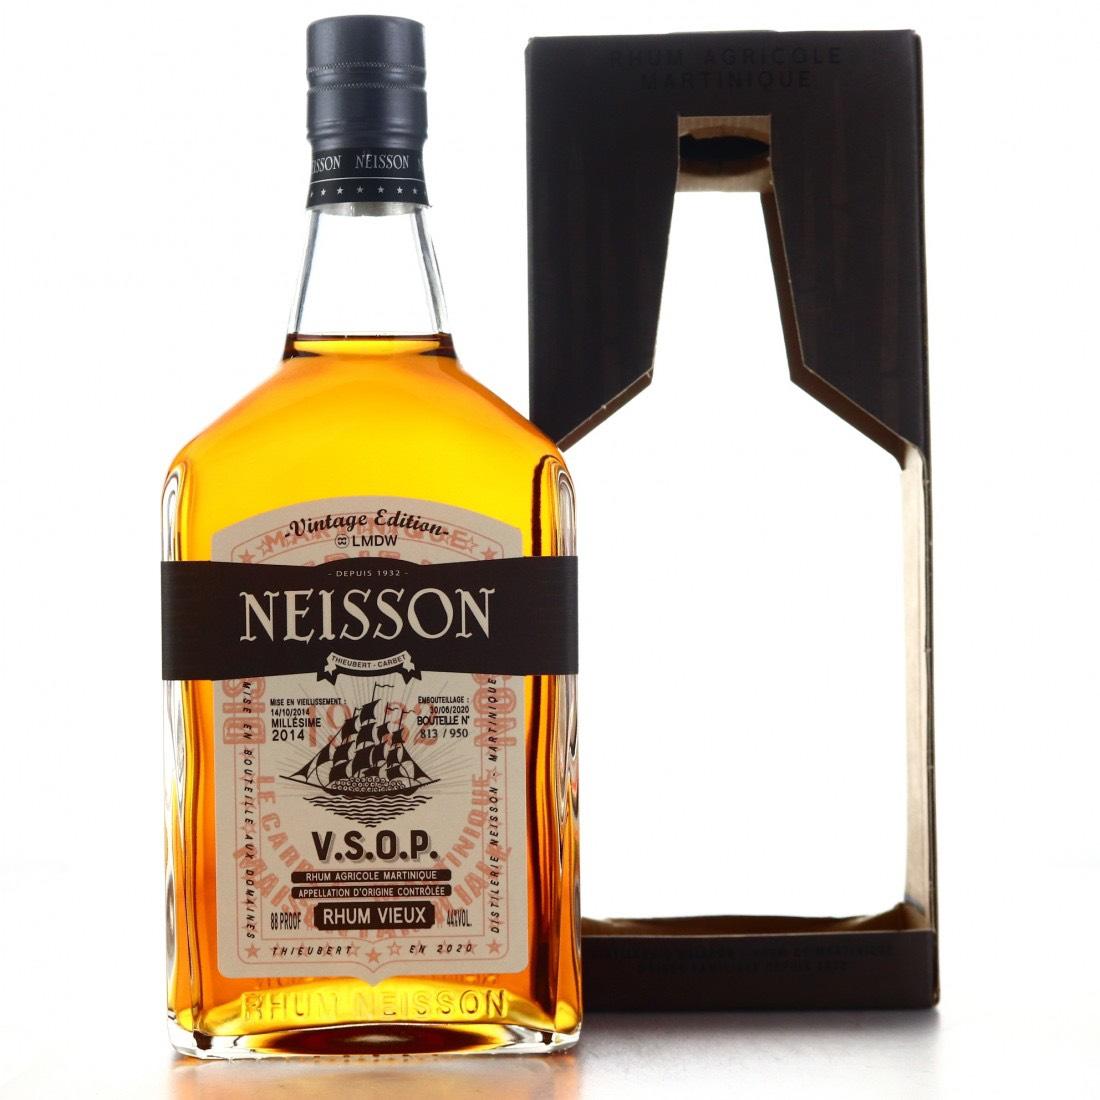 Bottle image of VSOP Vintage Edition (LMDW)